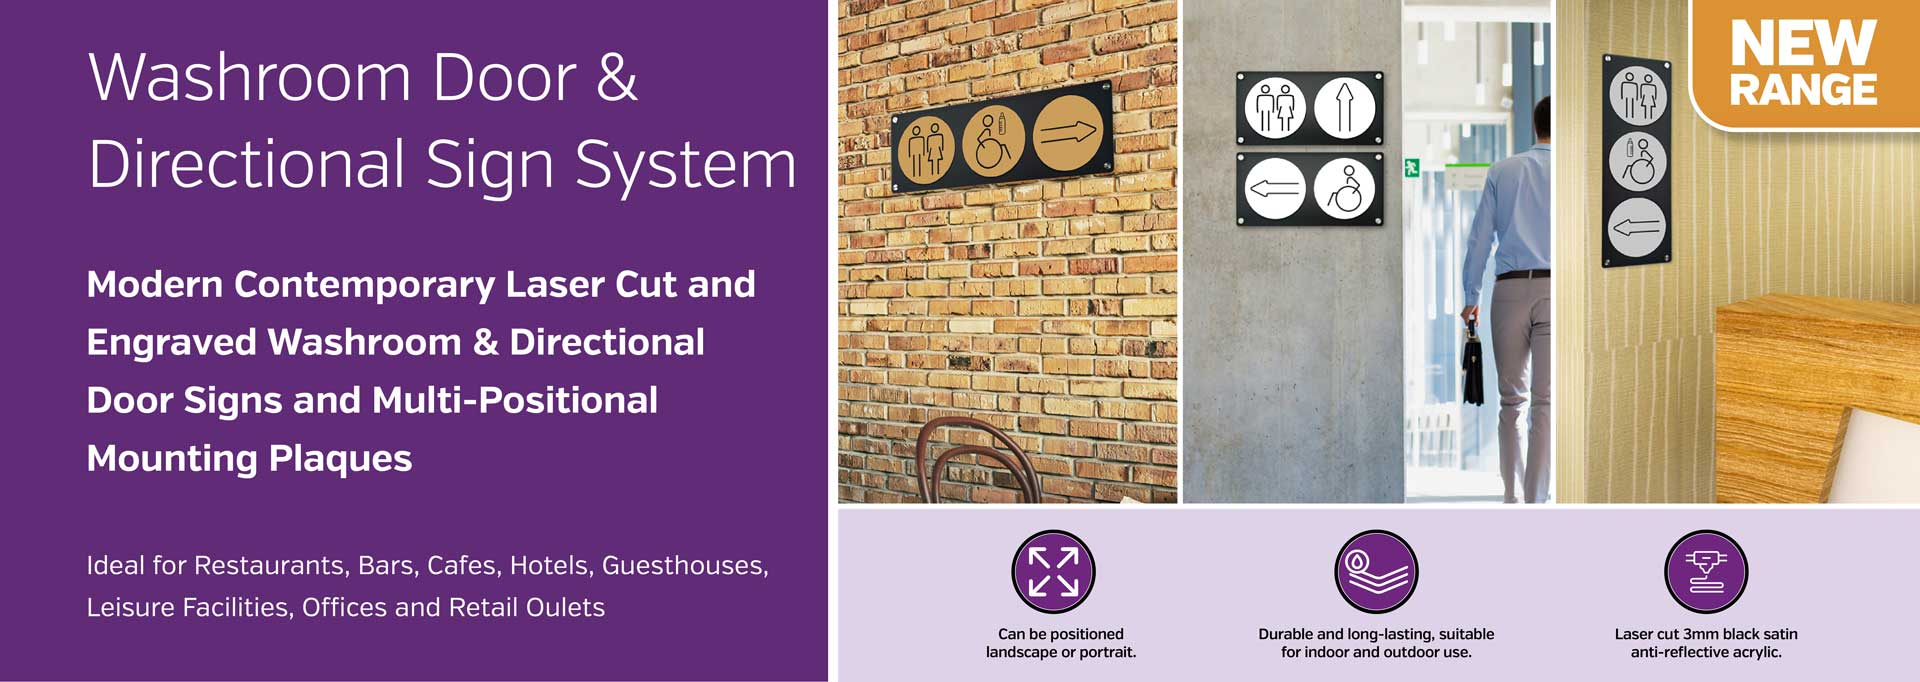 Washroom Door & Directional Sign System